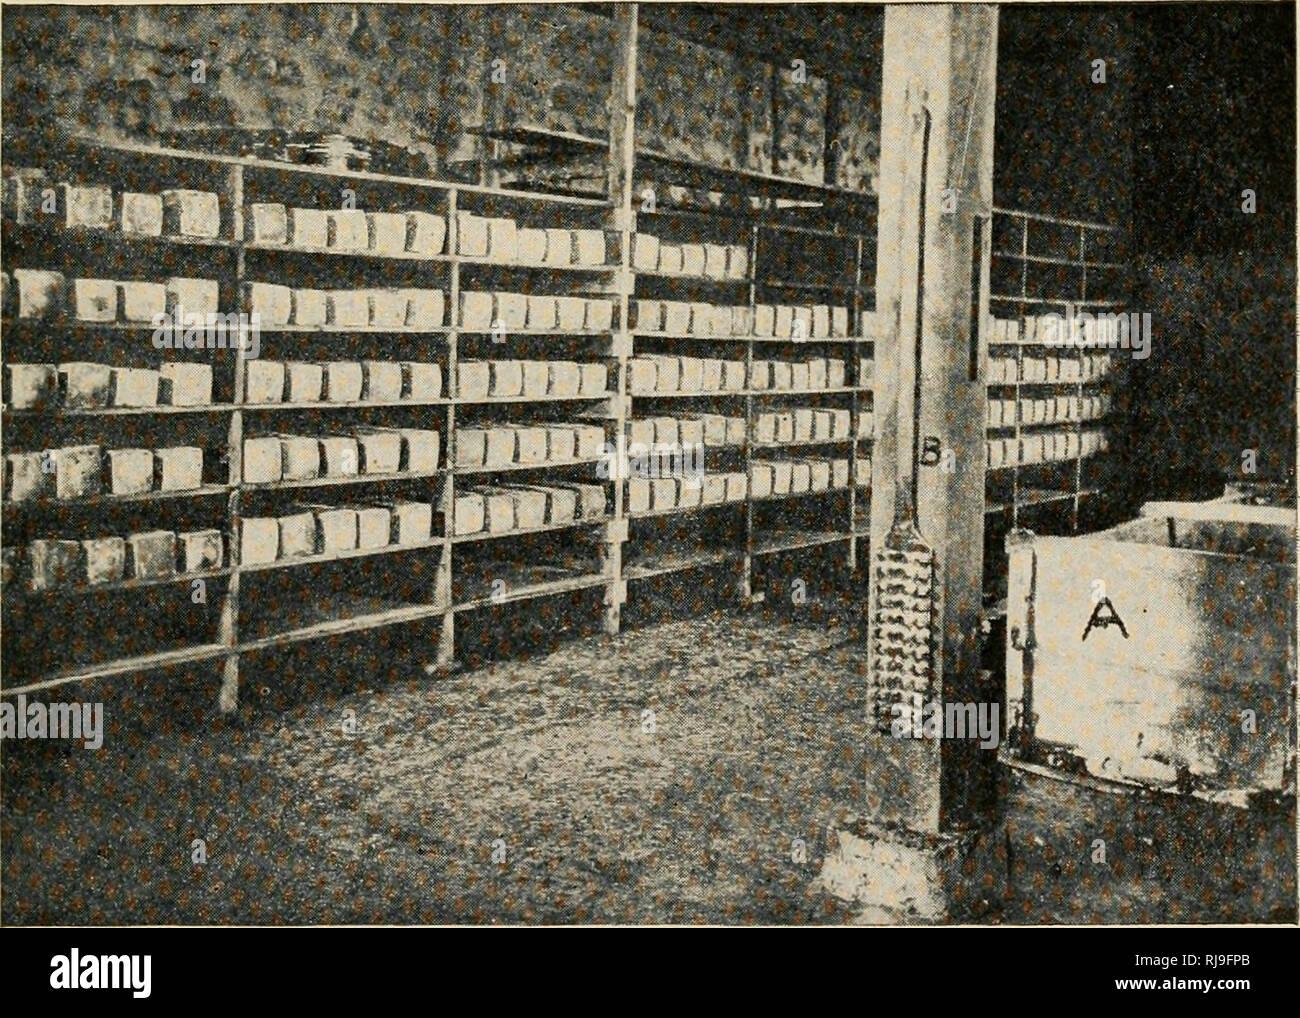 Die Herstellung Von Kase Schaukaserei Aushartung Keller In